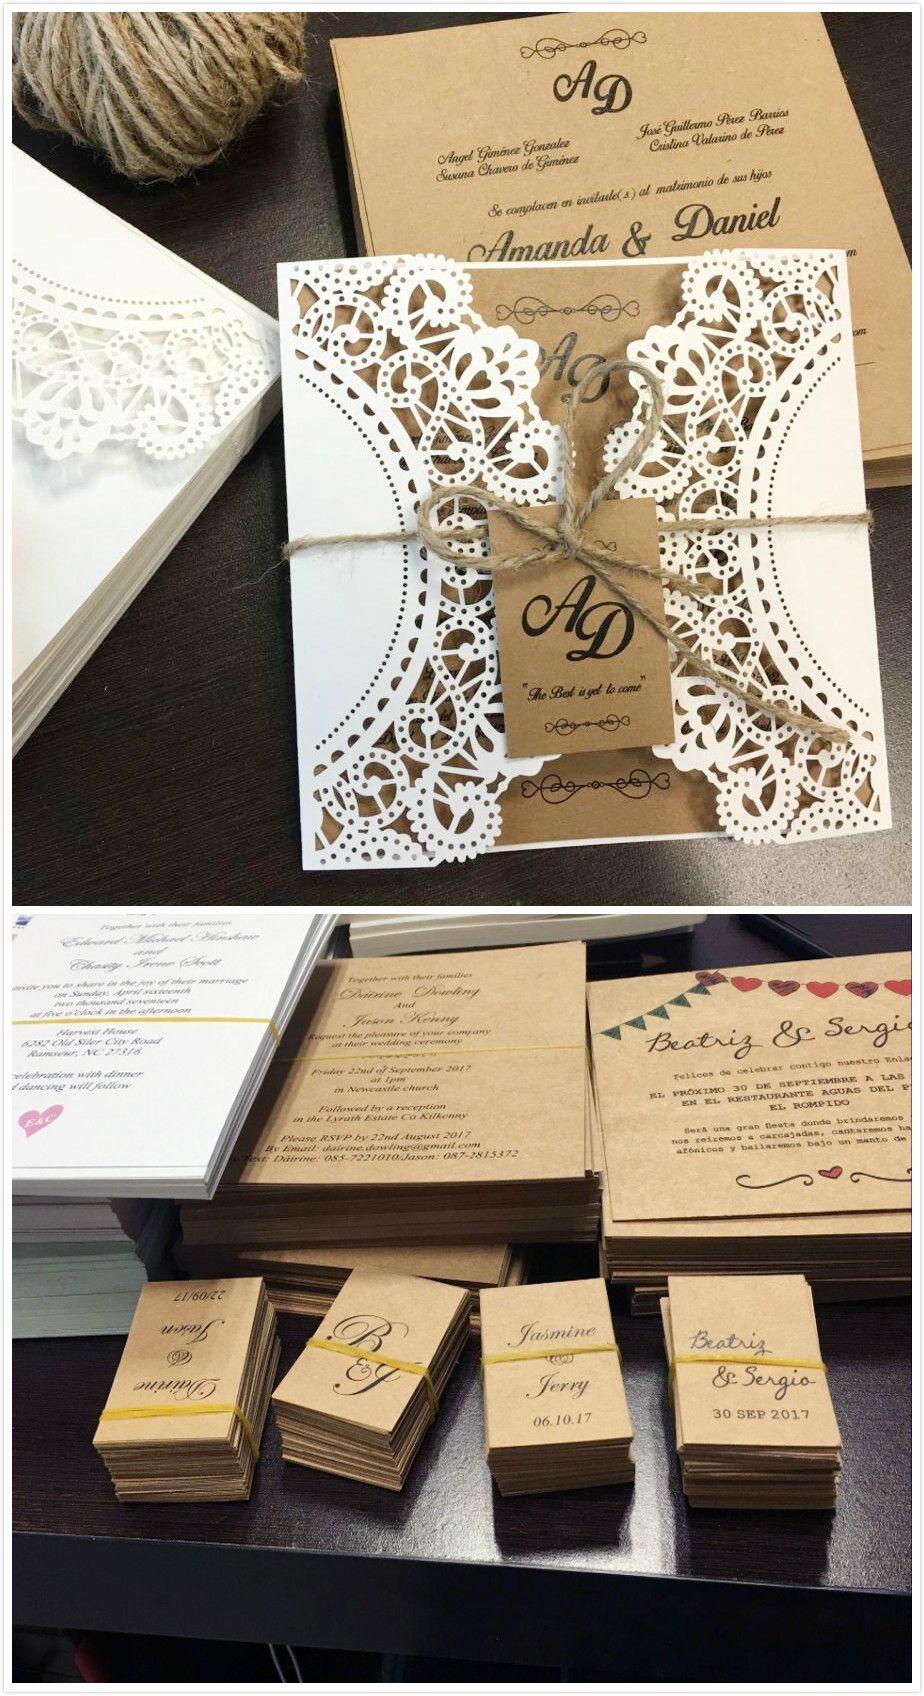 Rustic Wedding Invitations With Monogram Tag Wedding Invitation Cards Print Custo Vintage Wedding Invitation Cards Wedding Invitation Cards Wedding Invitations